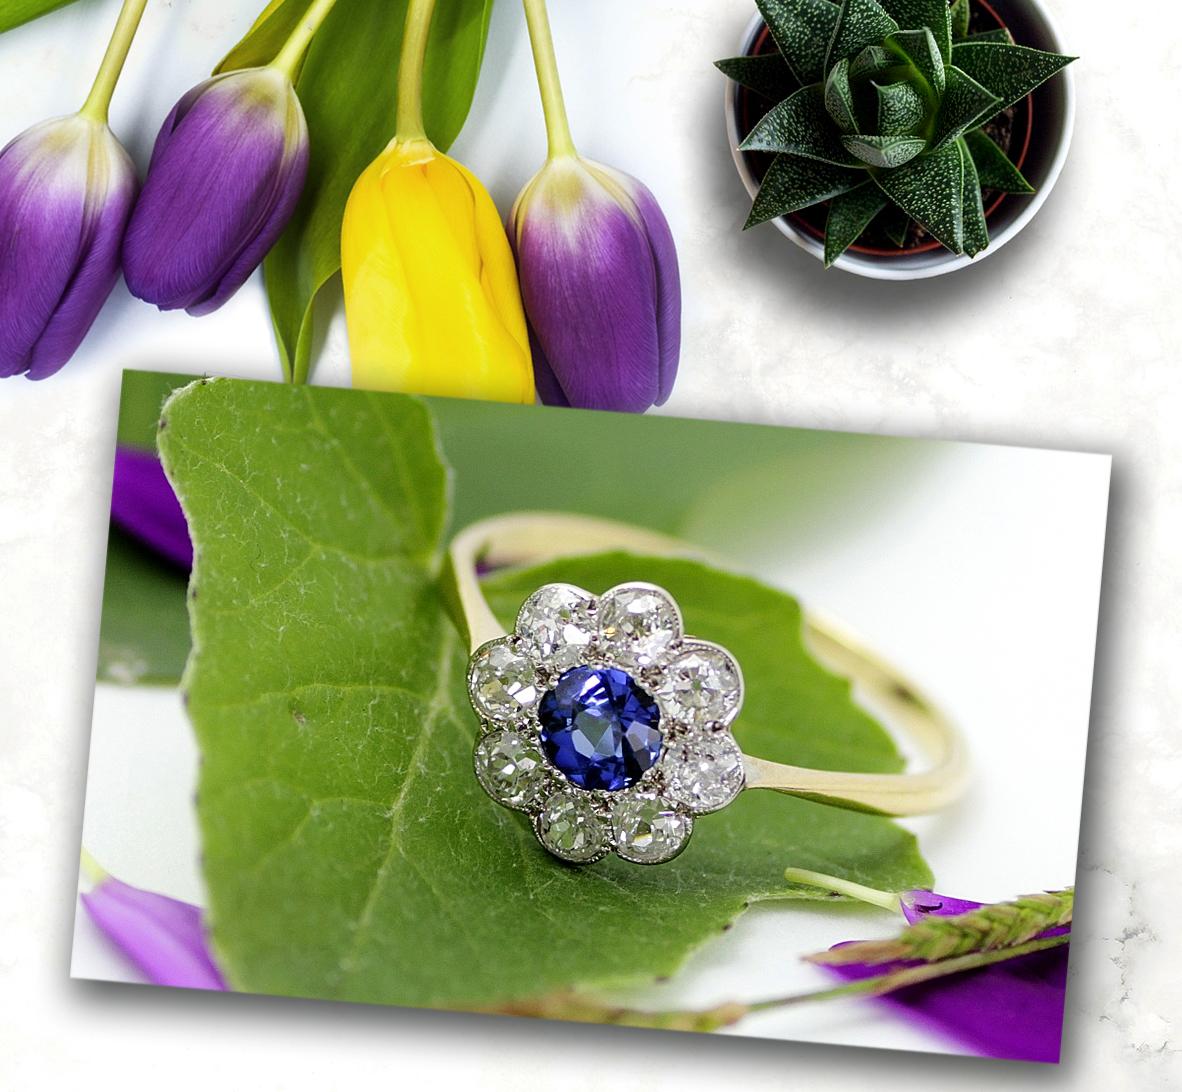 【新着ジュエリー】サファイヤ&ダイヤモンド クラスターリング